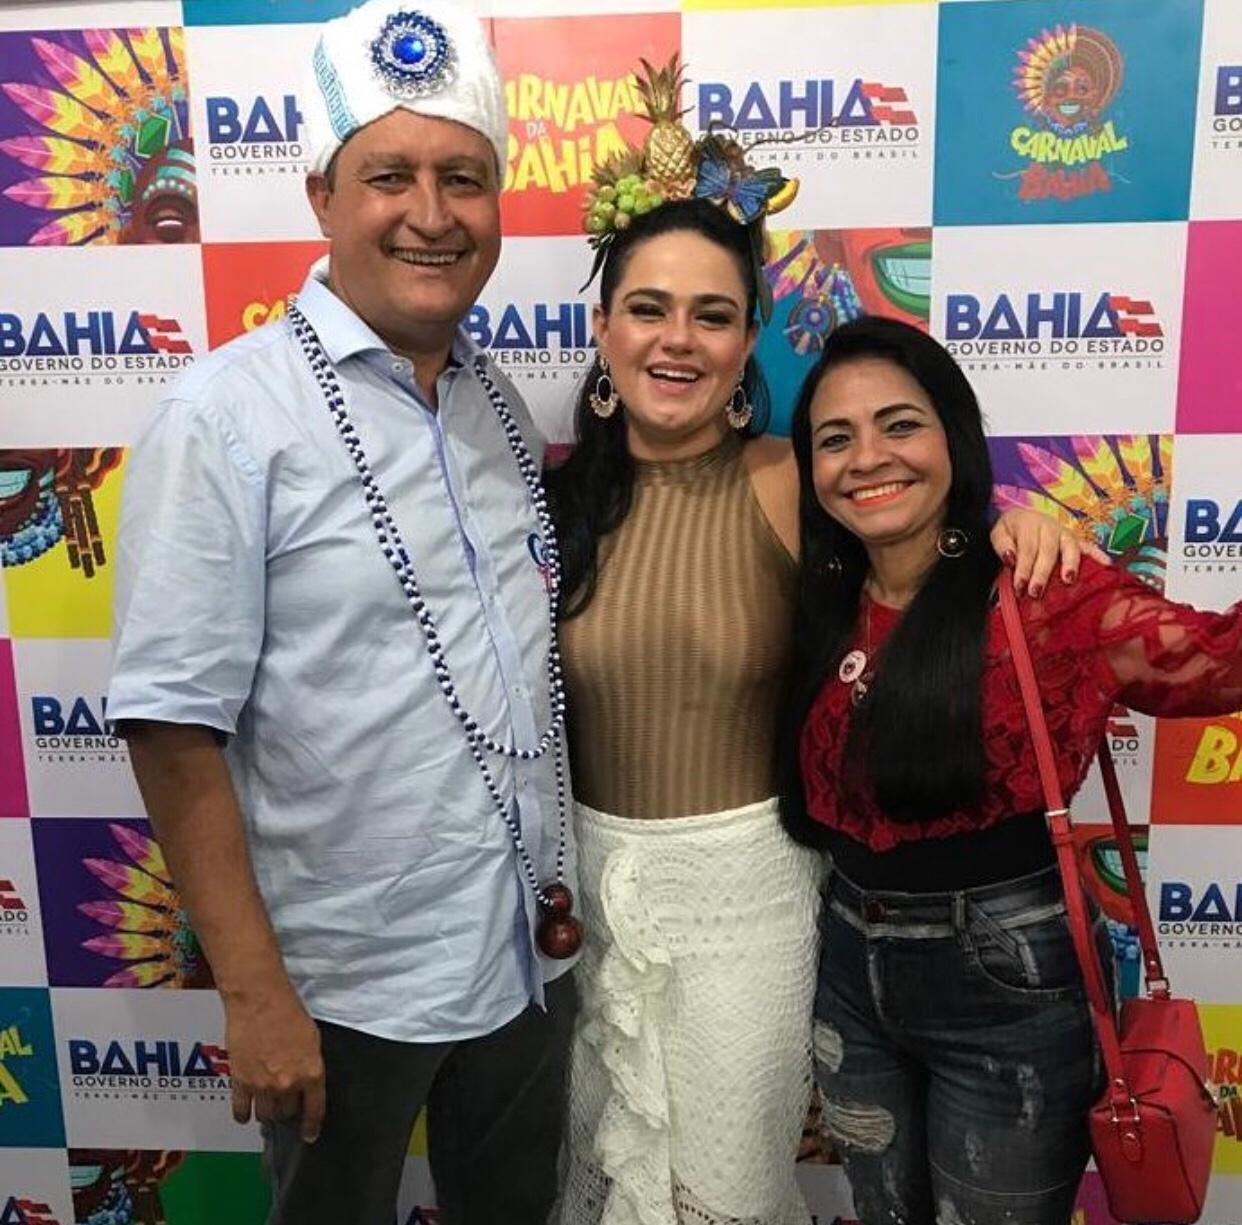 Ao lado do governador, Moema Gramacho marca presença no Carnaval de Salvador